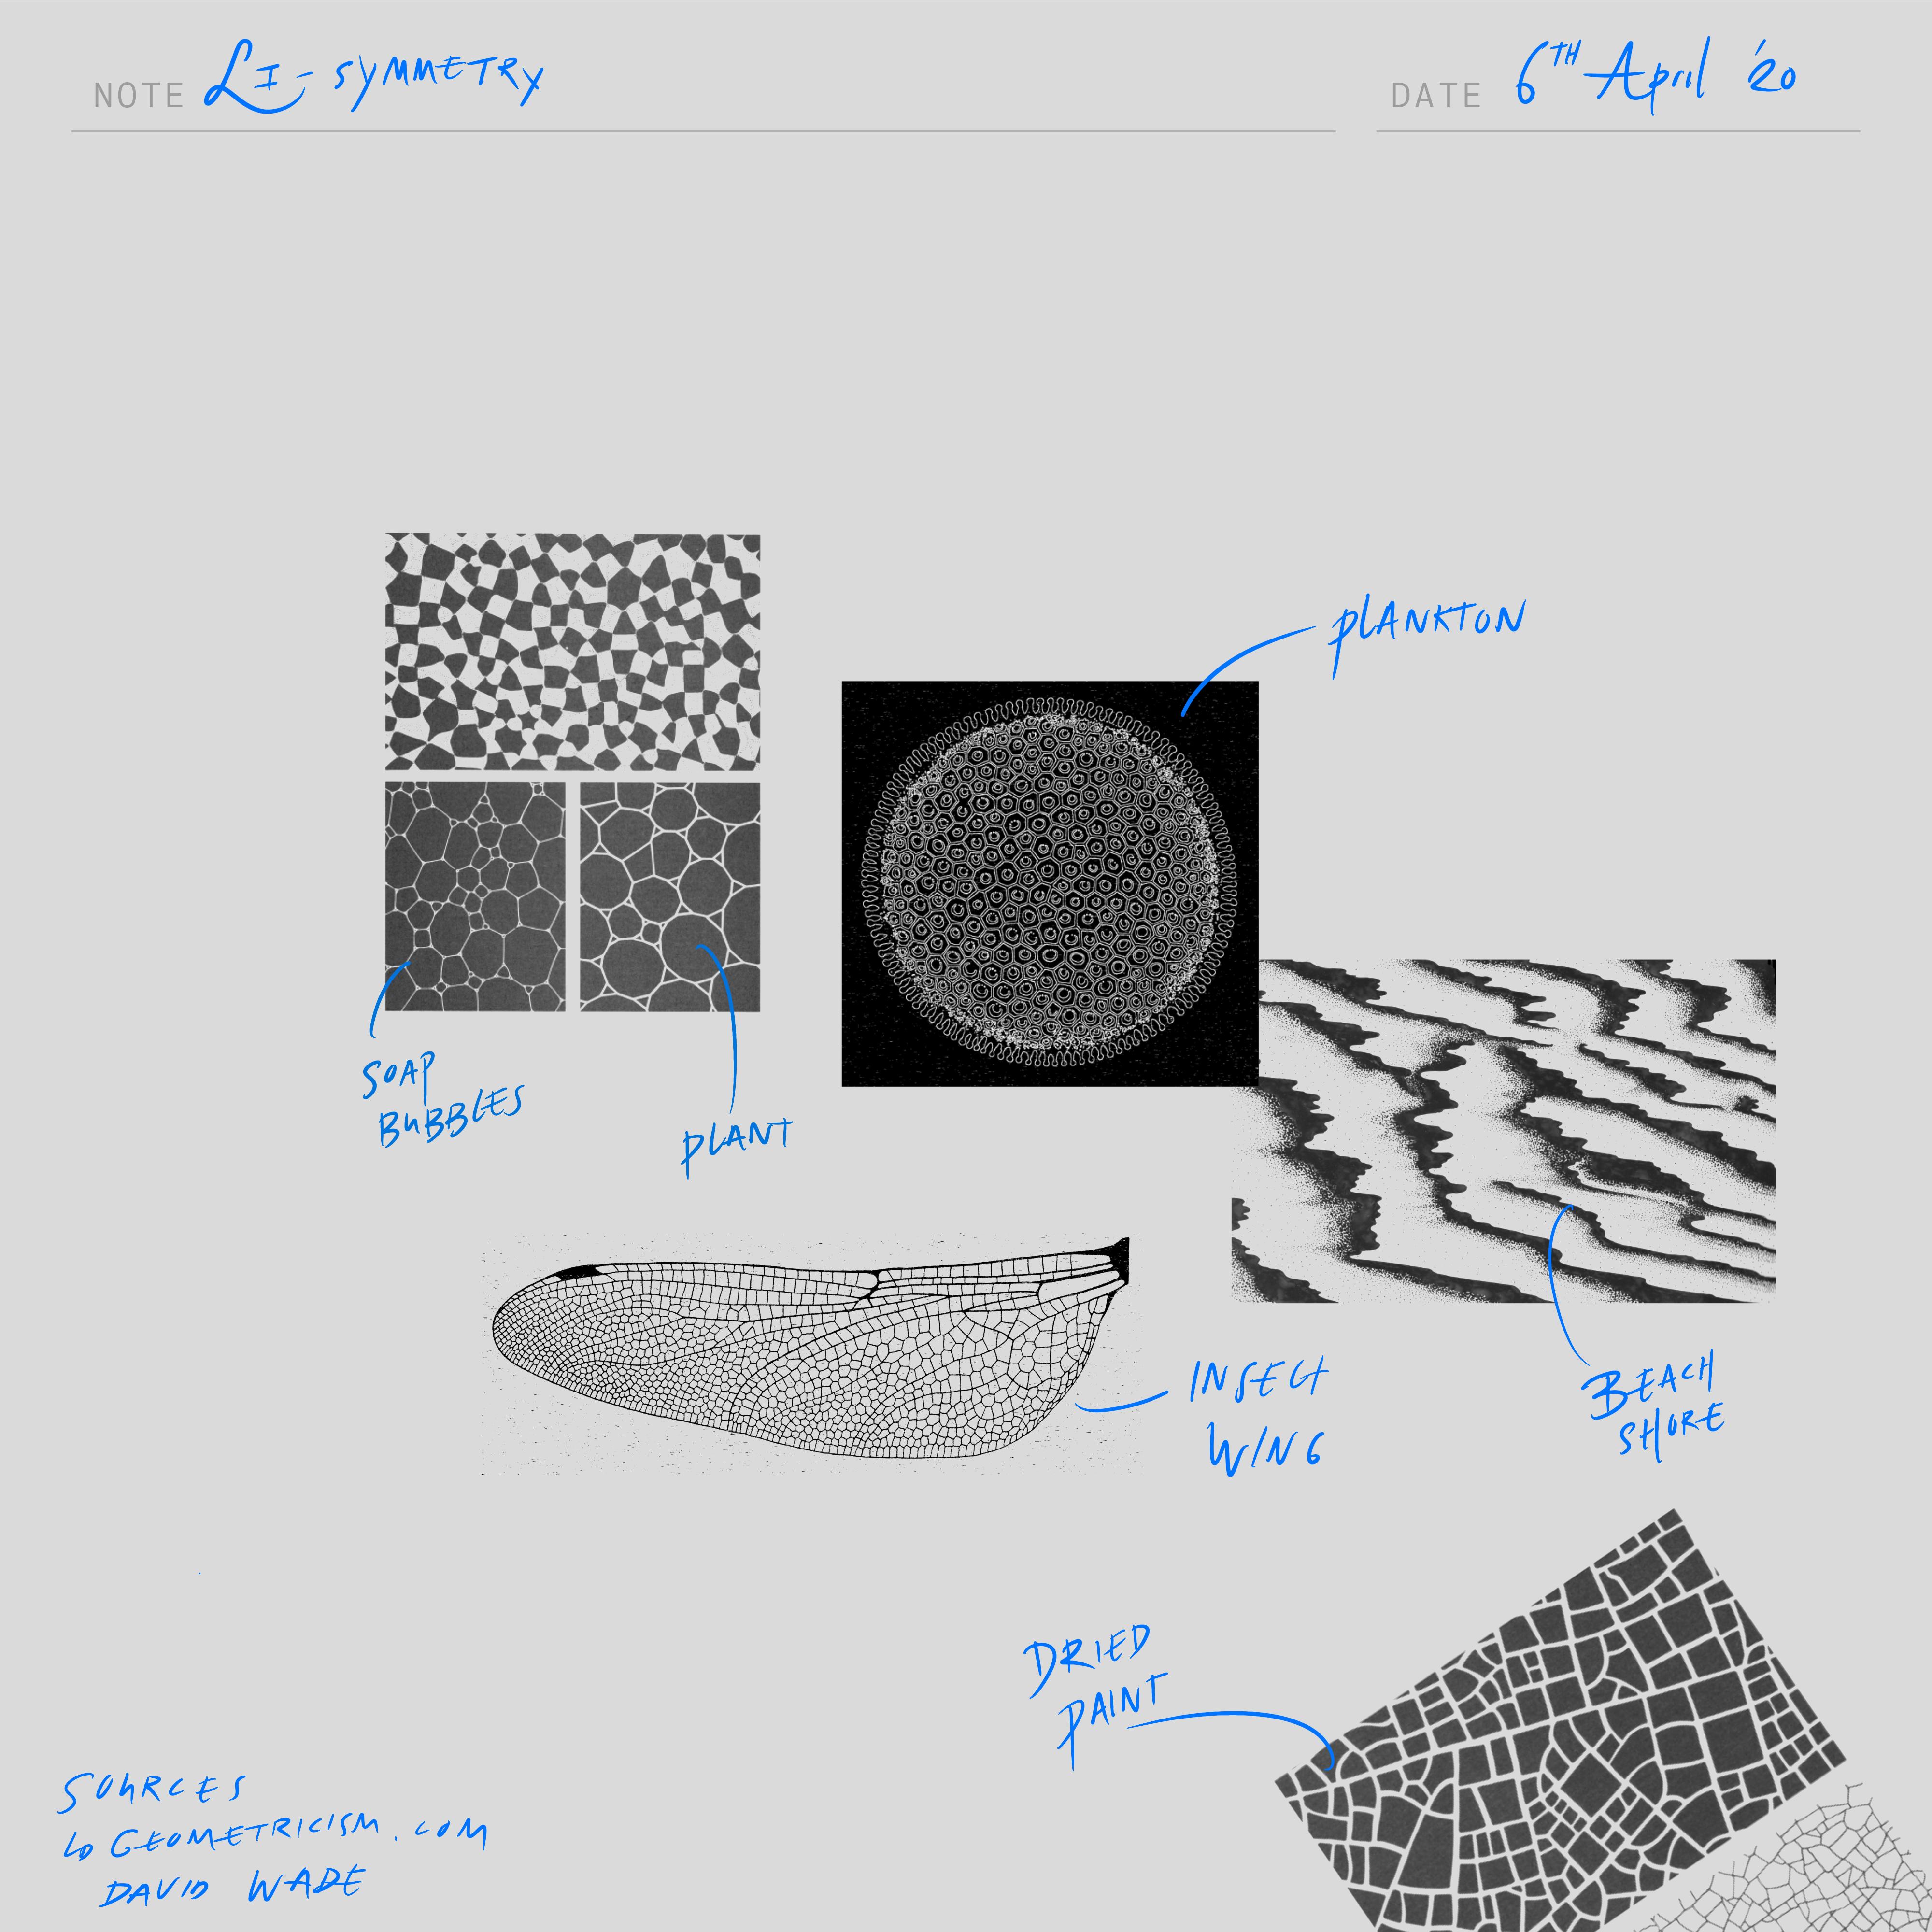 Li symmetry textures